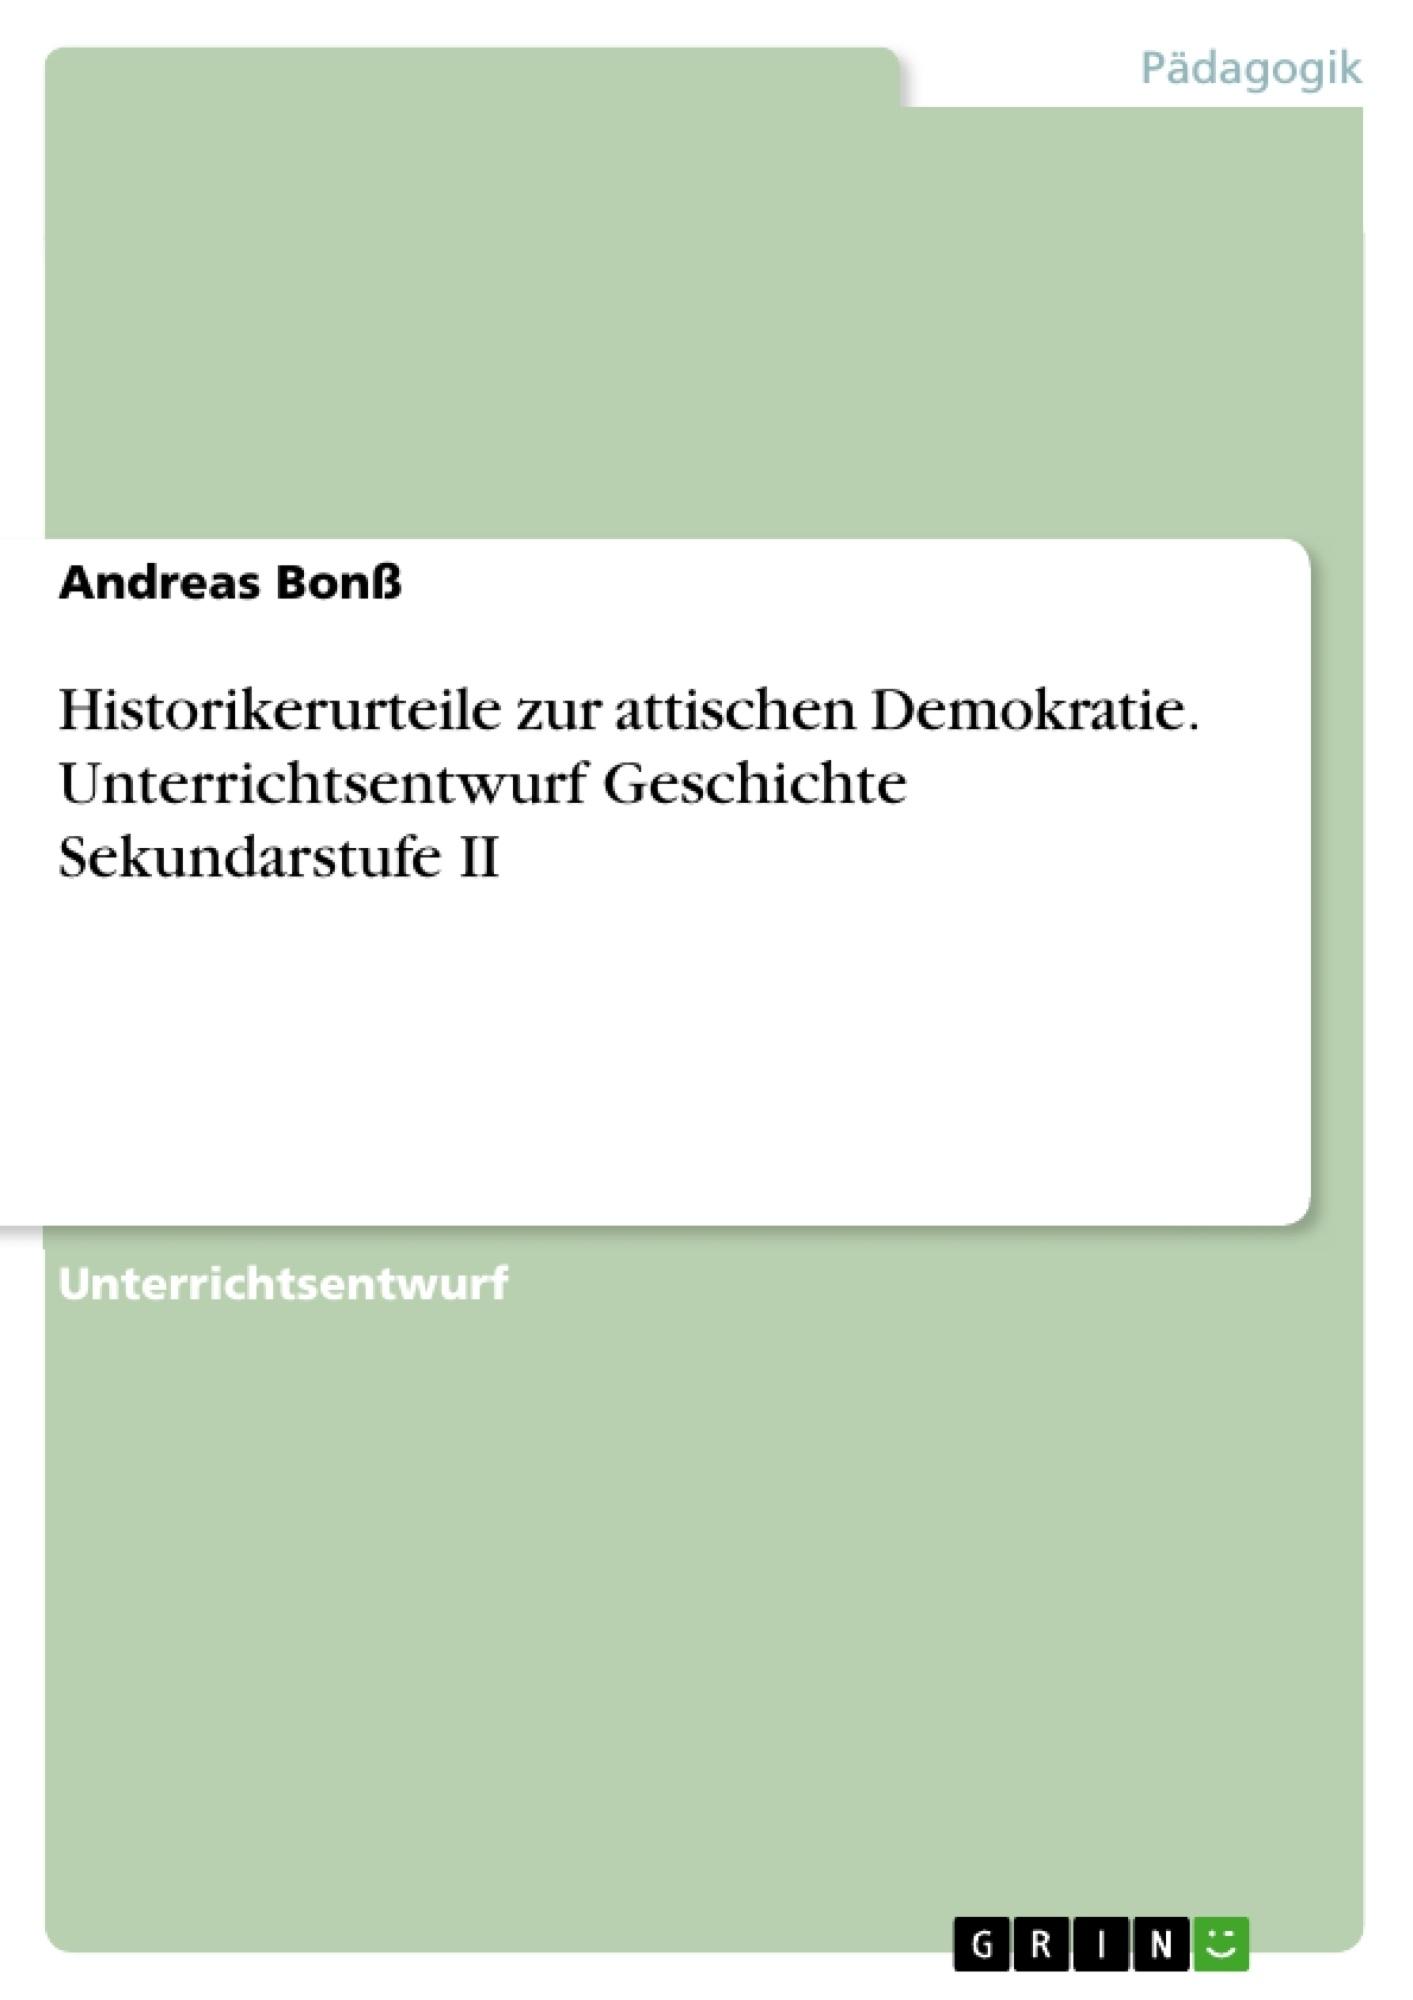 Titel: Historikerurteile zur attischen Demokratie. Unterrichtsentwurf Geschichte Sekundarstufe II